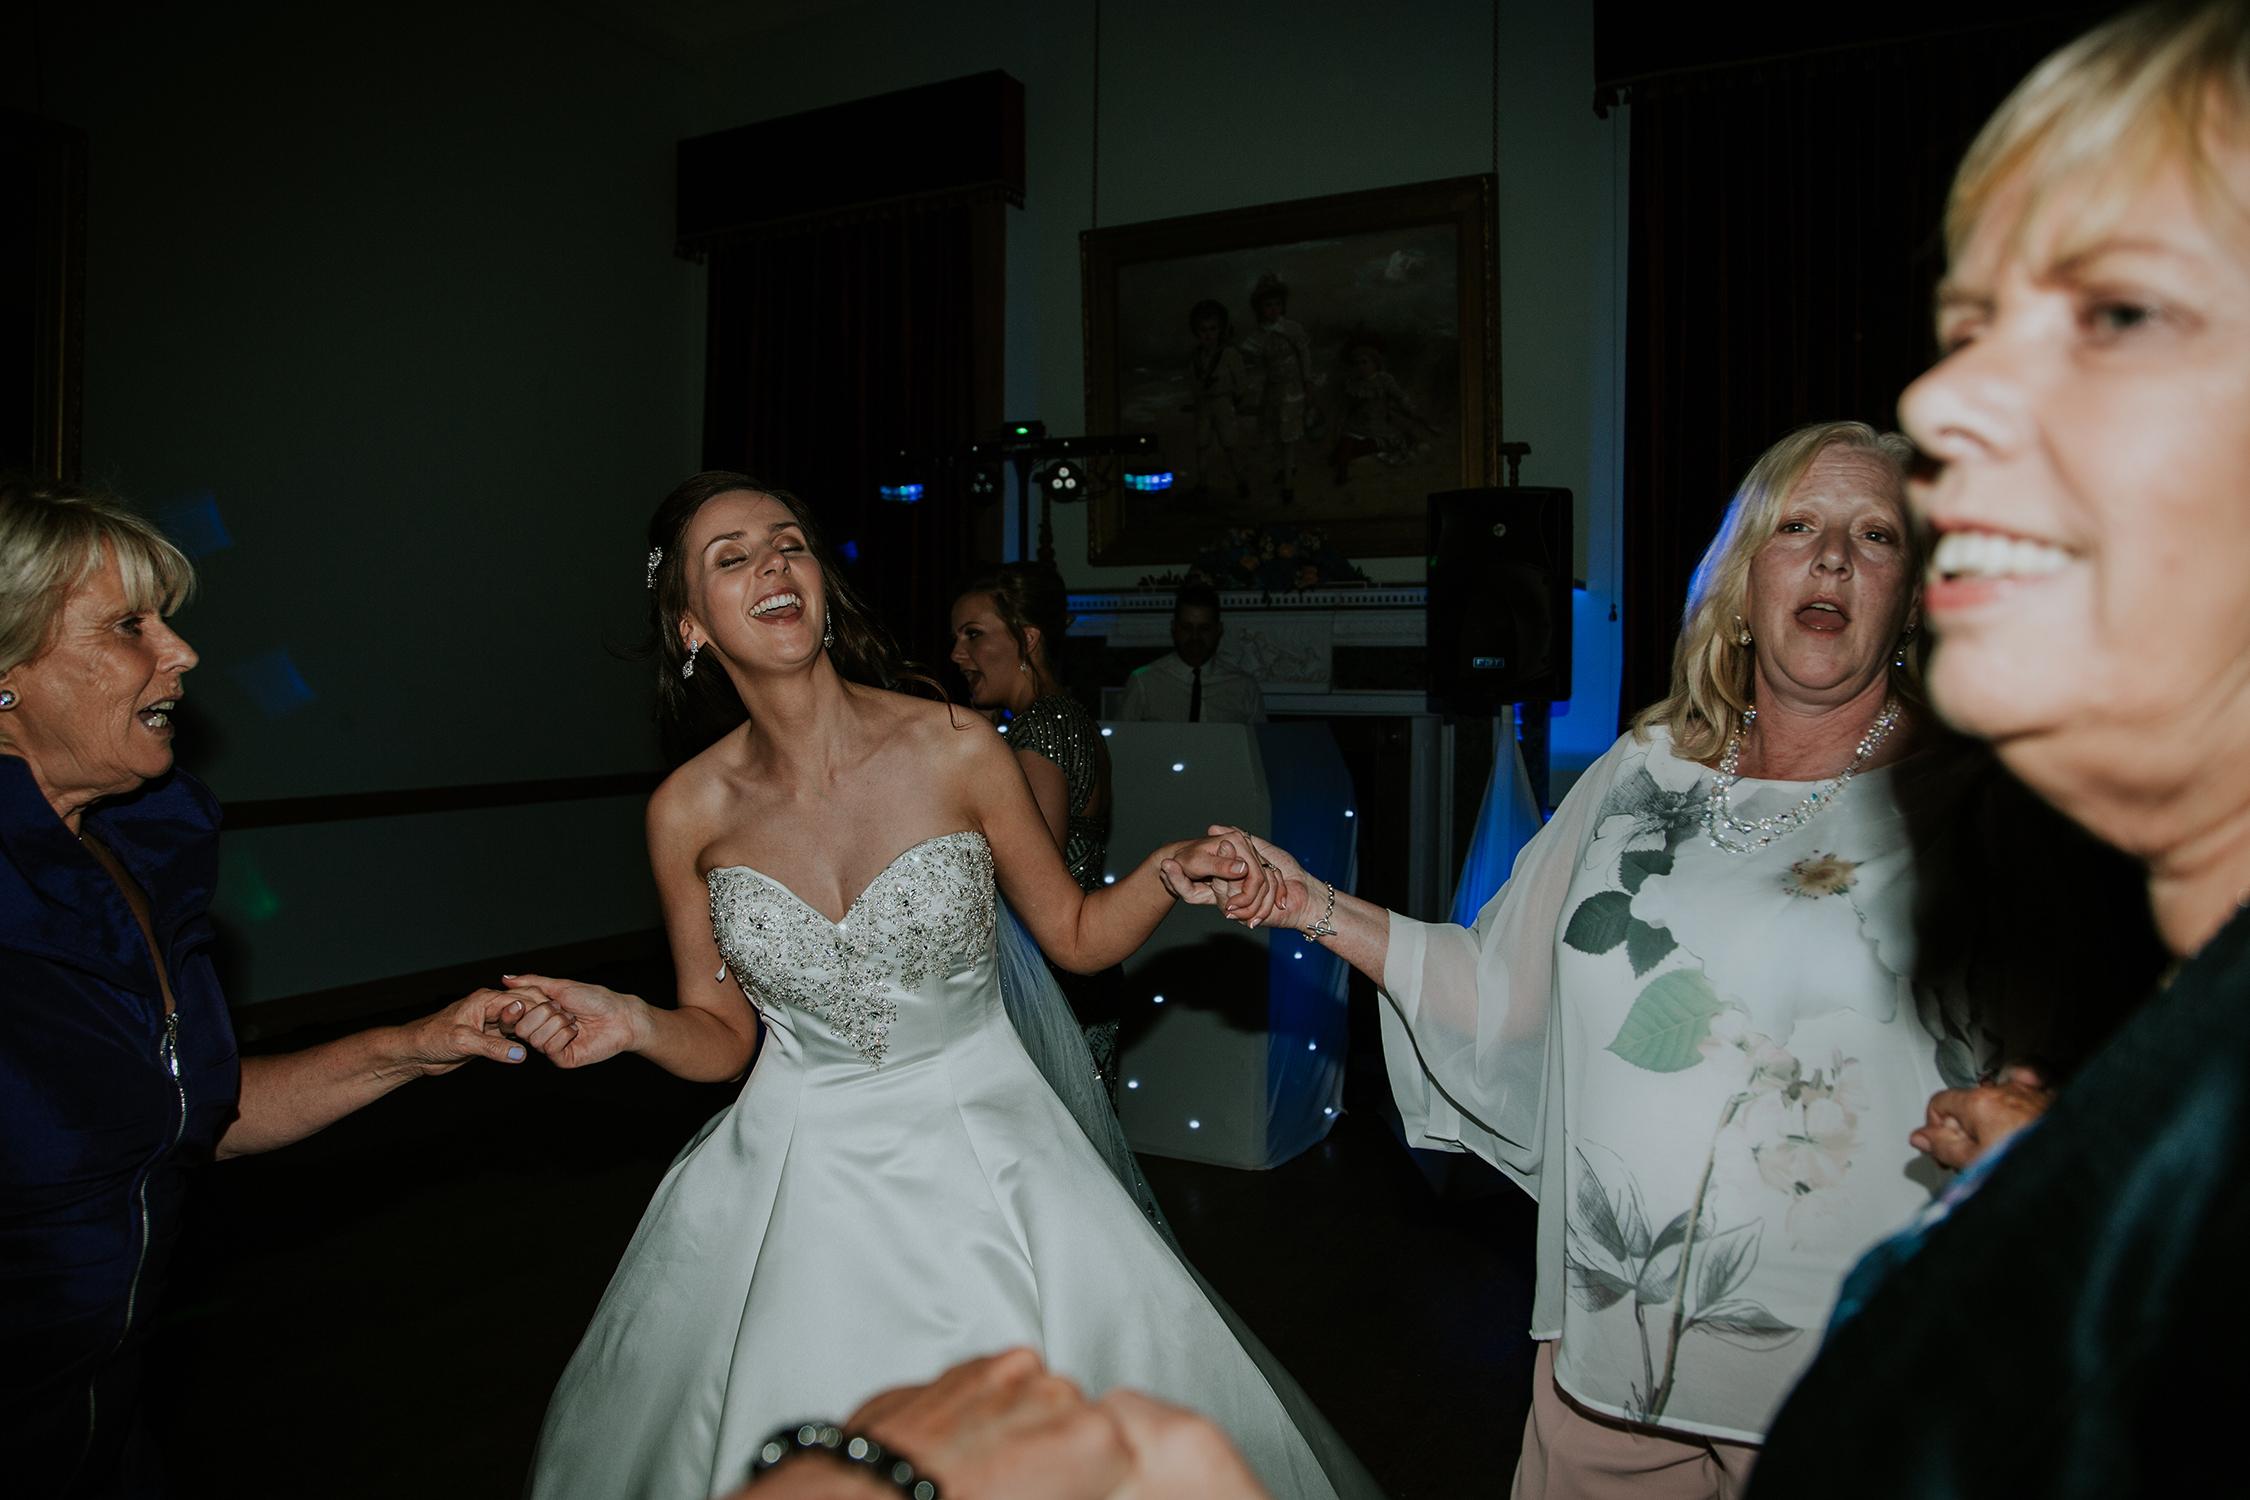 AYRSHIRE WEDDING PHOTOGRAPHER, SCOTLAND, ROWALLAN CASTLE WEDDING PHOTOGRAPHER.